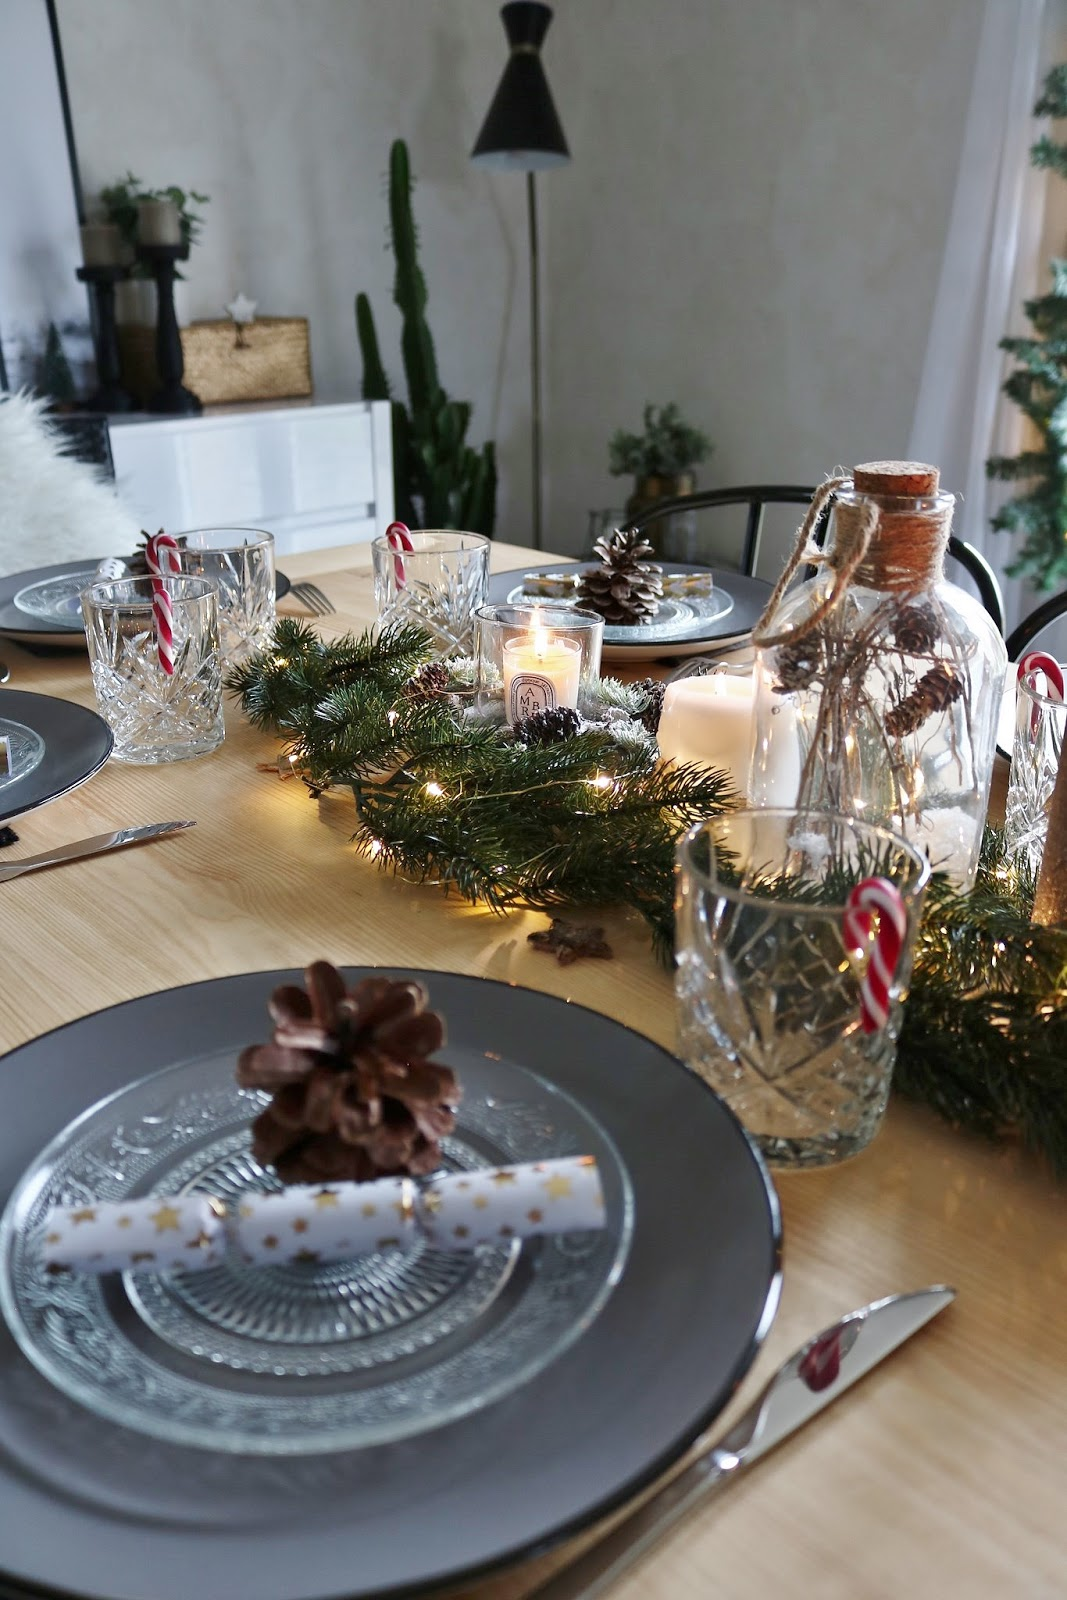 ma table pour les f tes th me bois et sapin pauline dress blog mode lifestyle et d co. Black Bedroom Furniture Sets. Home Design Ideas